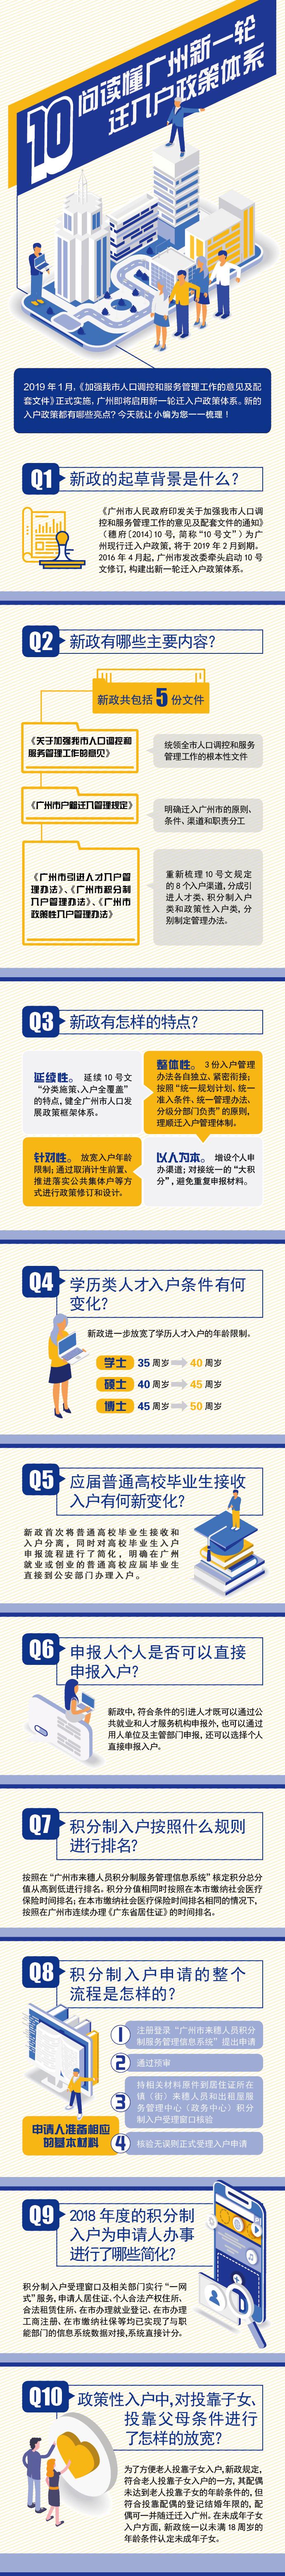 一图看懂2019广州入户新政策体系